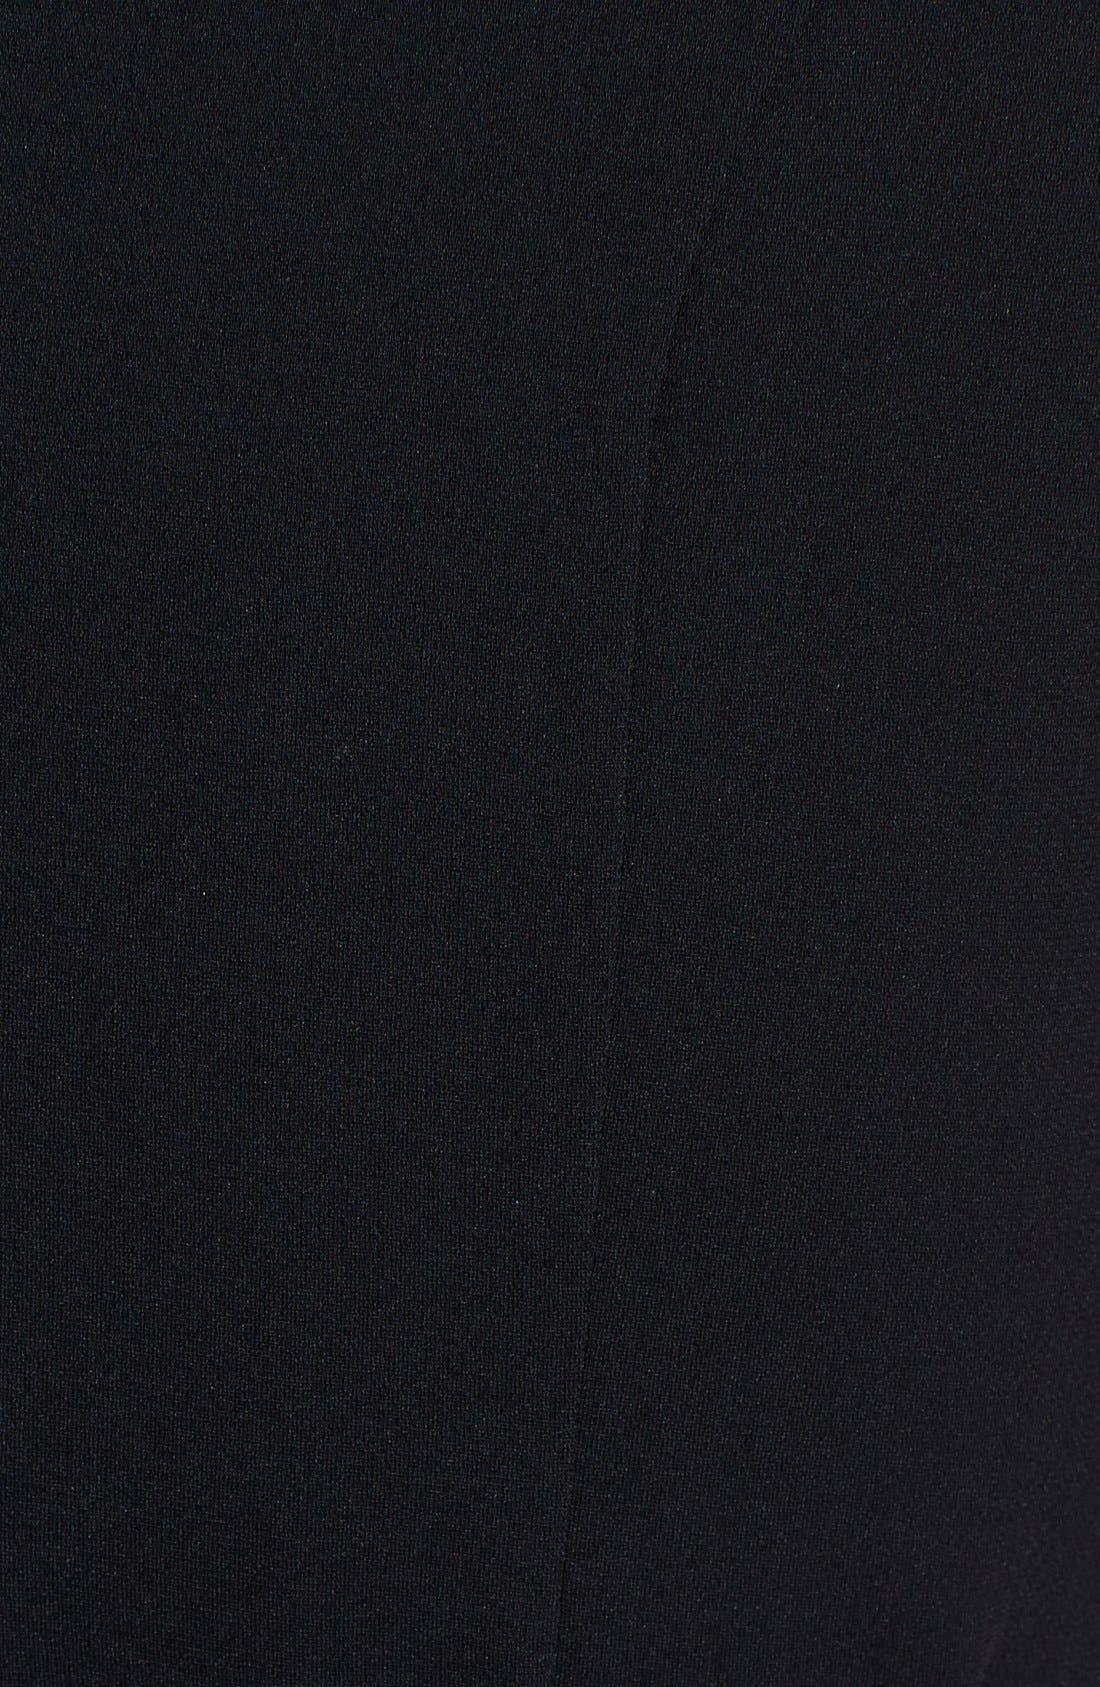 Alternate Image 3  - BOSS 'Daliyana' Belted Sheath Dress